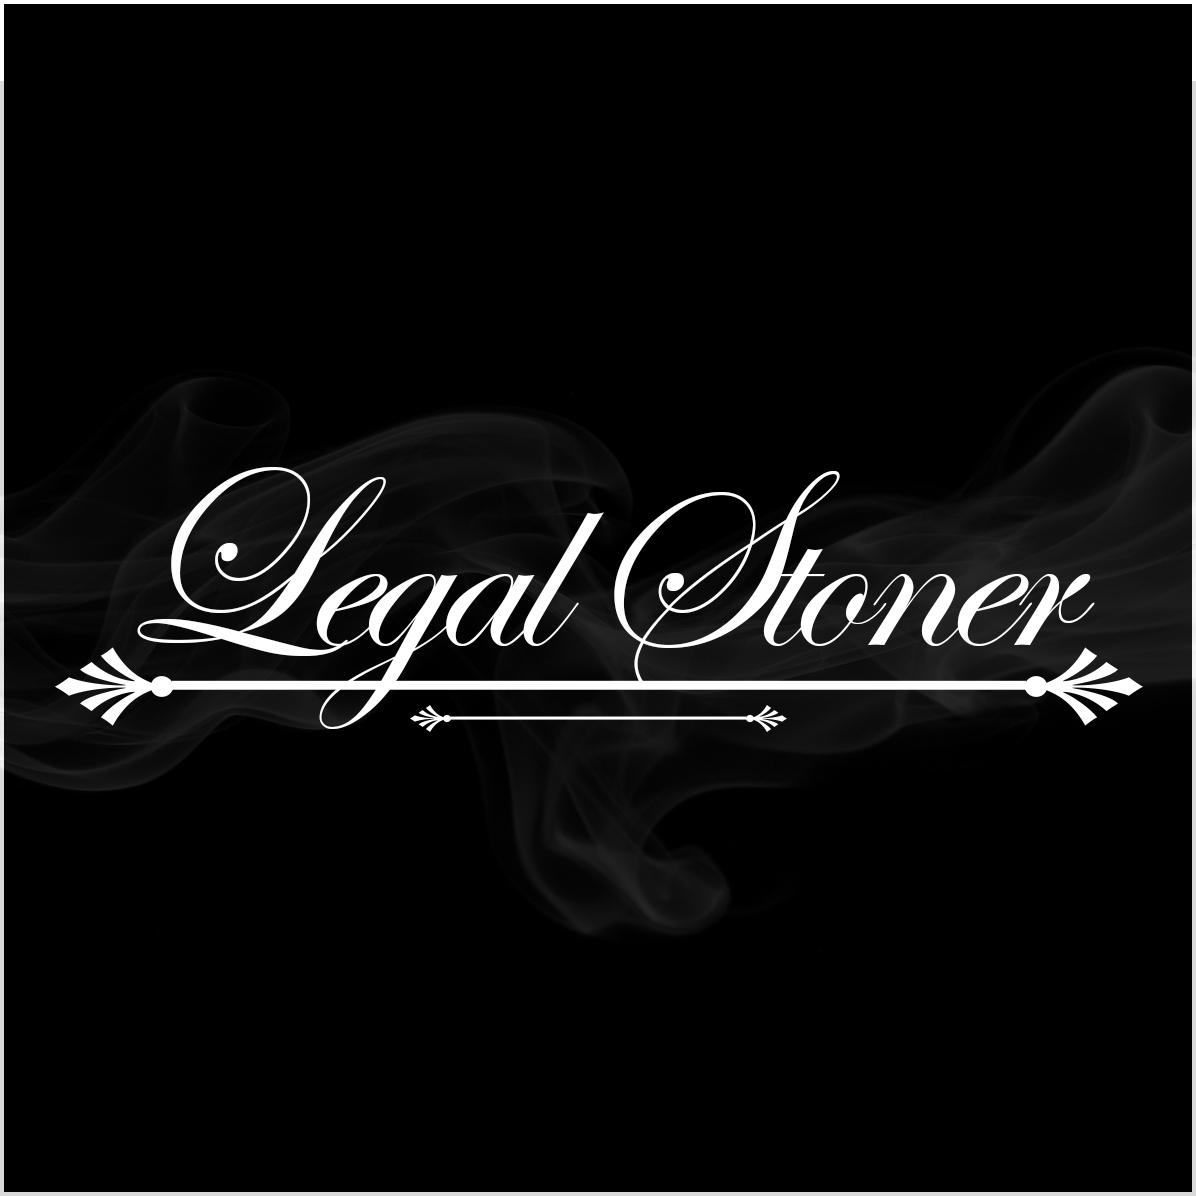 Legal Stoner Logo